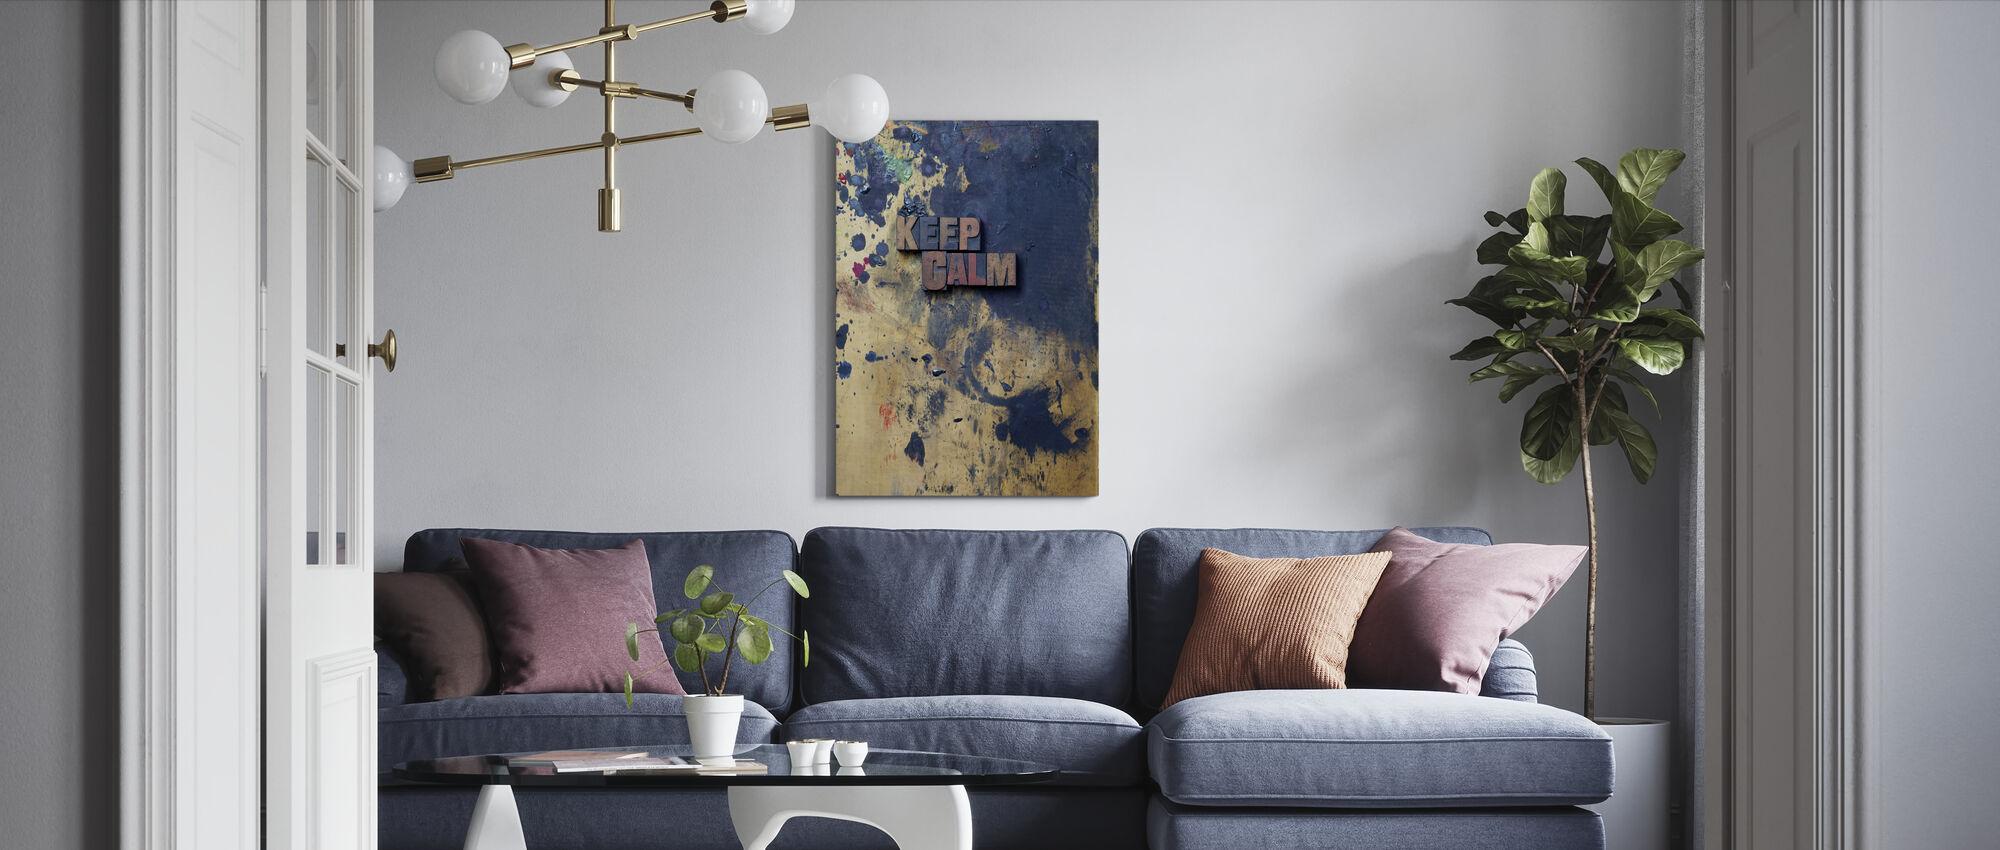 Ruhig bleiben - Leinwandbild - Wohnzimmer